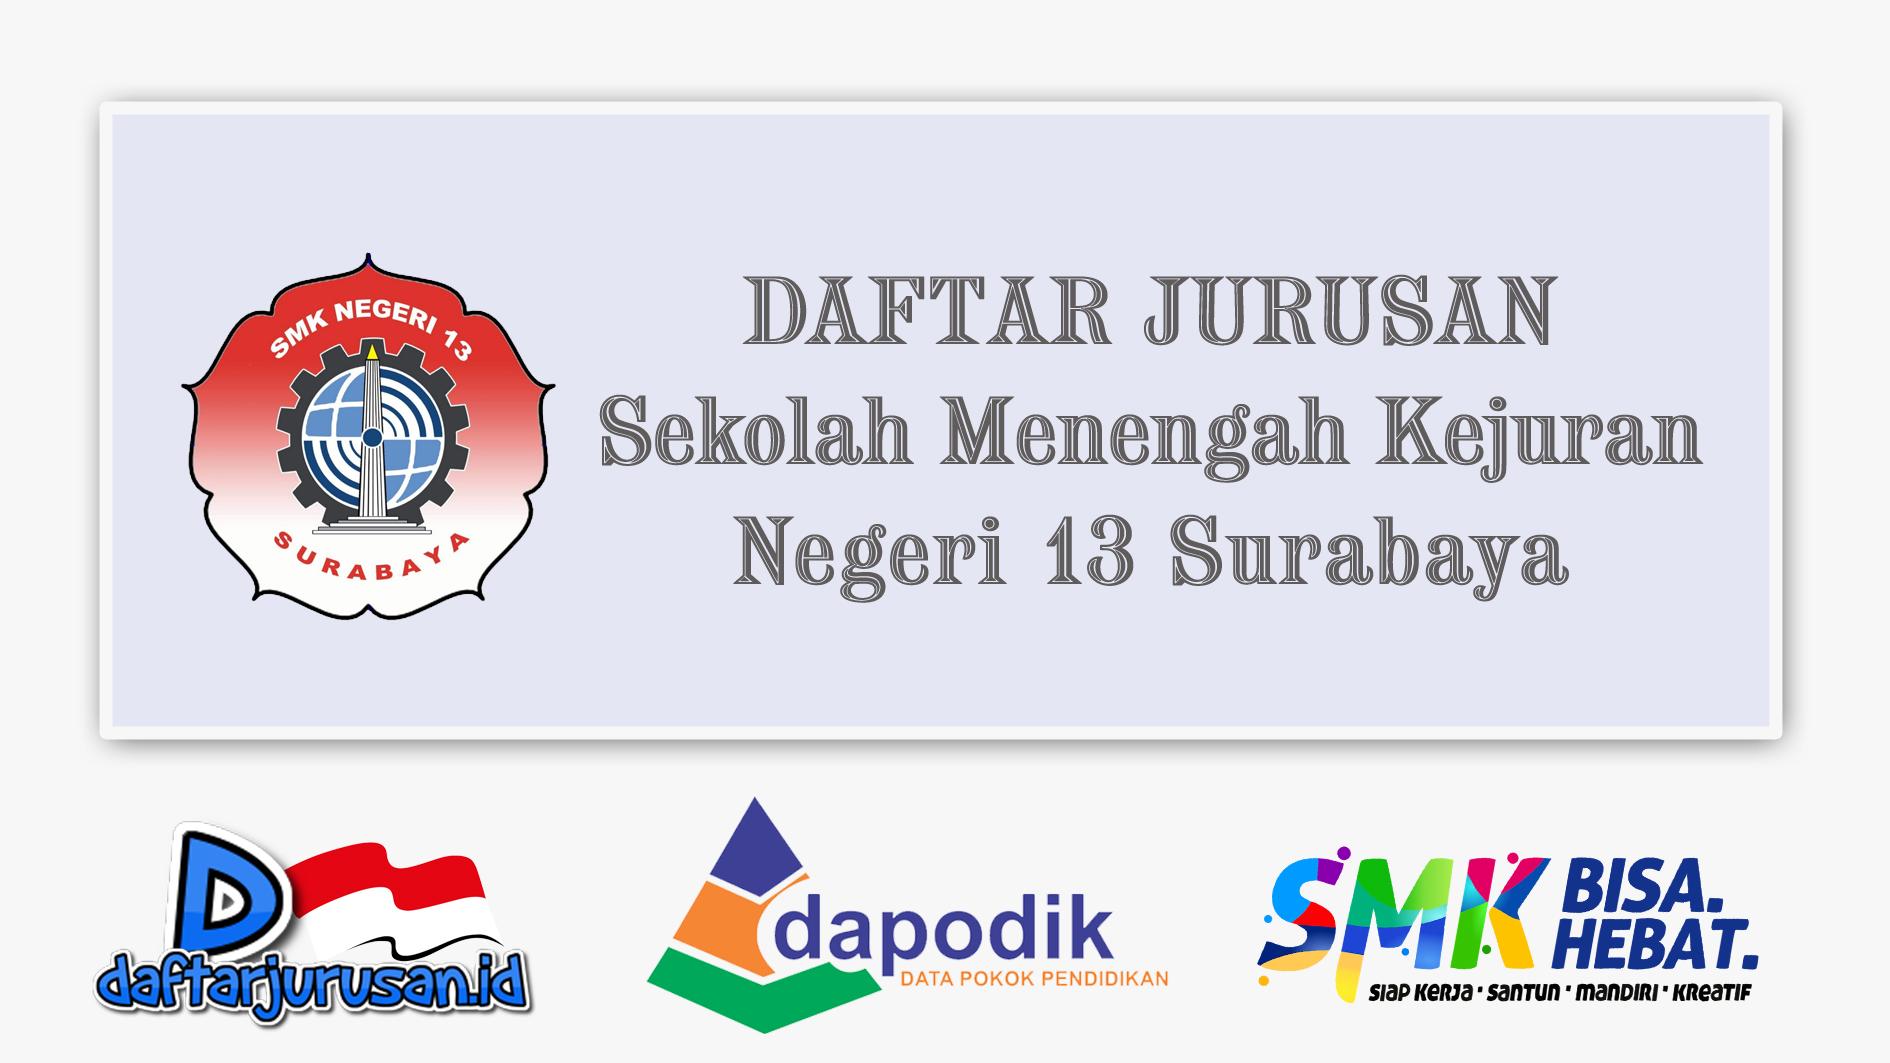 Daftar Jurusan SMK Negeri 13 Surabaya